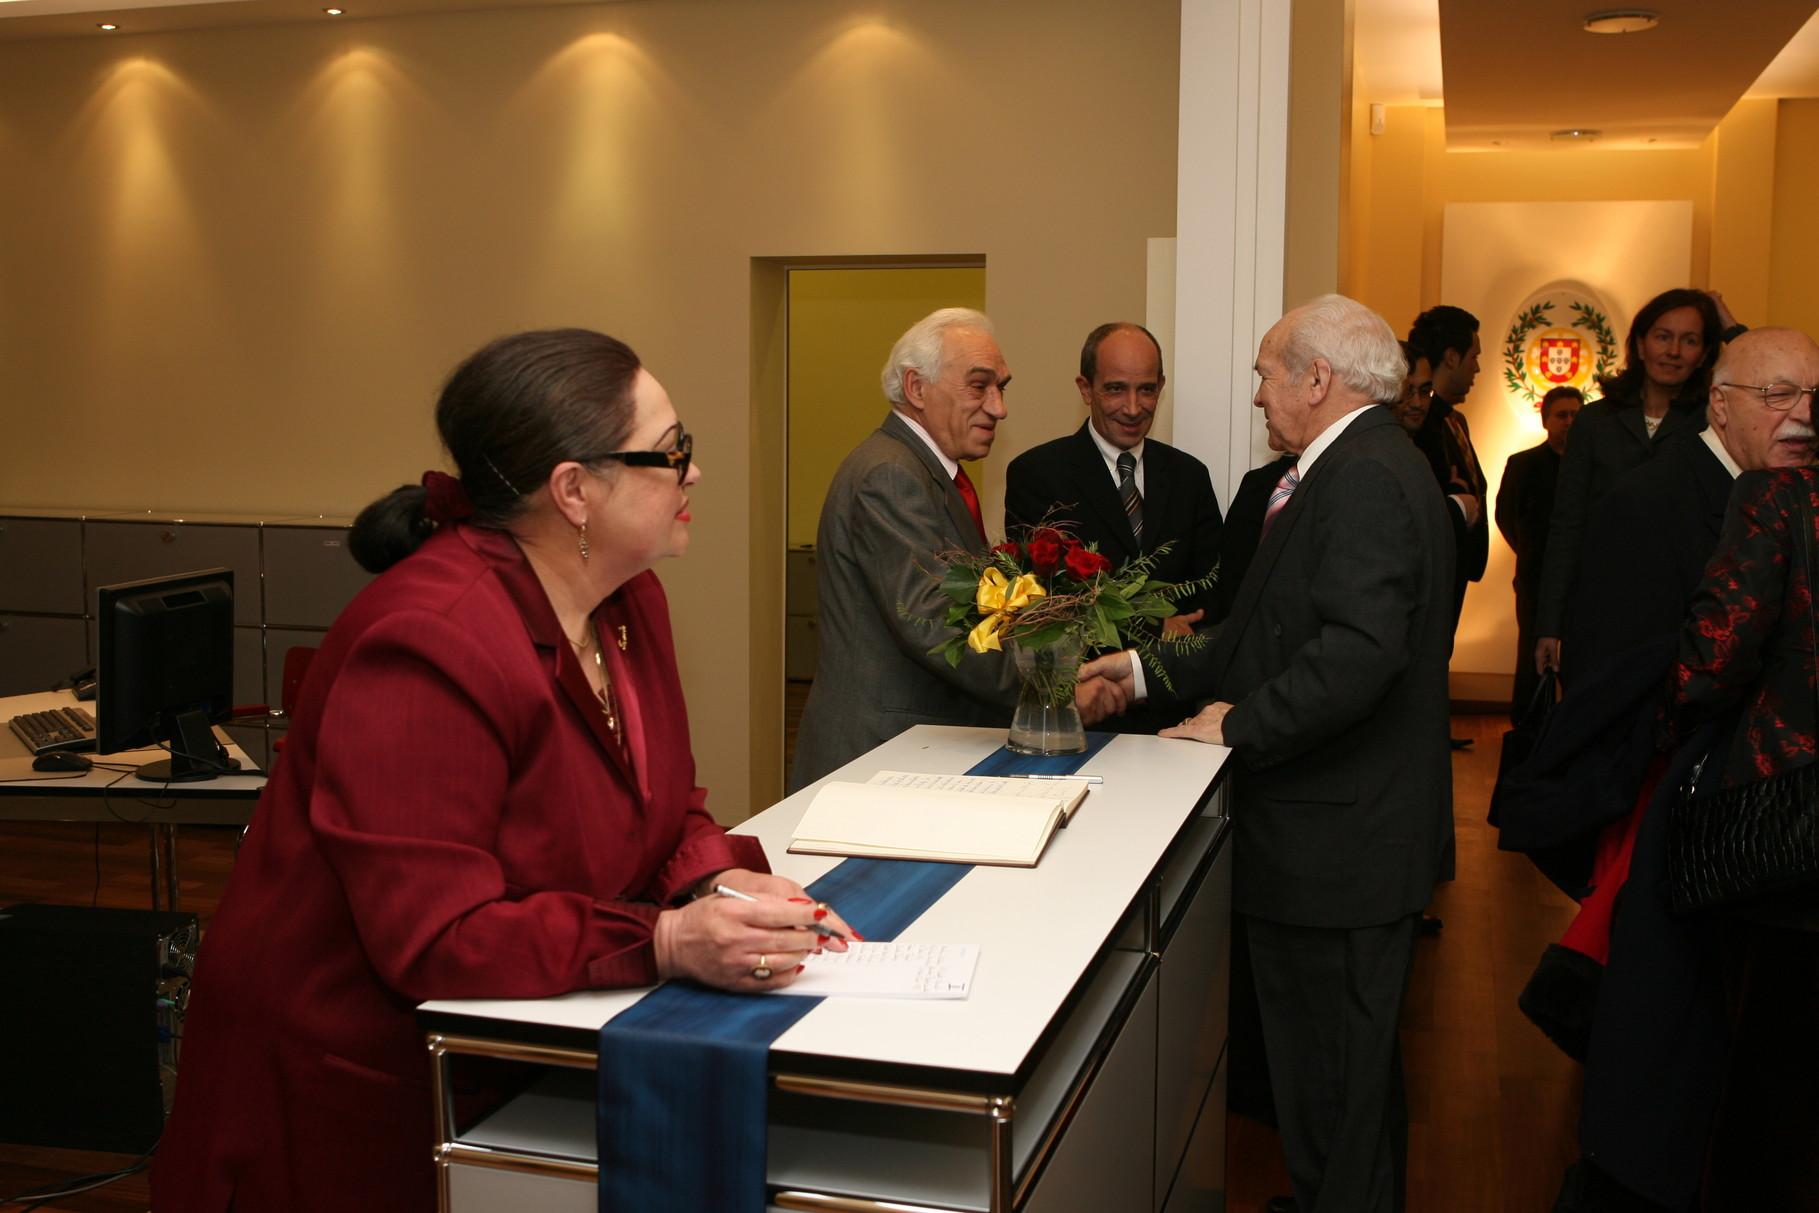 Inauguração das novas instalações do Consulado de Hamburgo, 2007